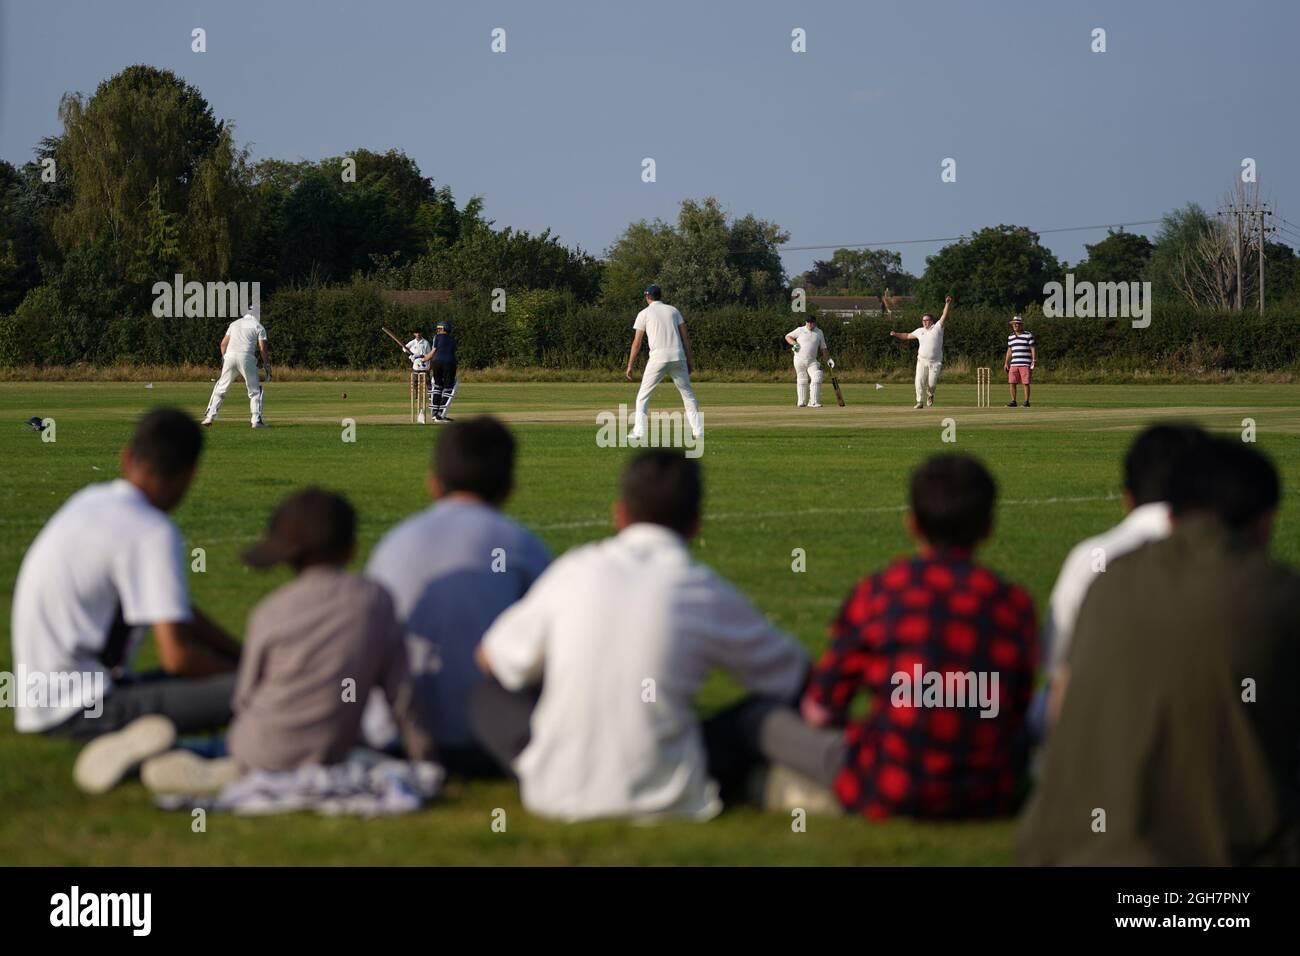 Sono arrivati di recente i cittadini afghani che guardano durante una partita di cricket con i membri del Newport Pagnell Town Cricket Club nel Buckinghamshire, organizzato dal club come un gesto di benvenuto nel Regno Unito. Data foto: Domenica 5 settembre 2021. Foto Stock